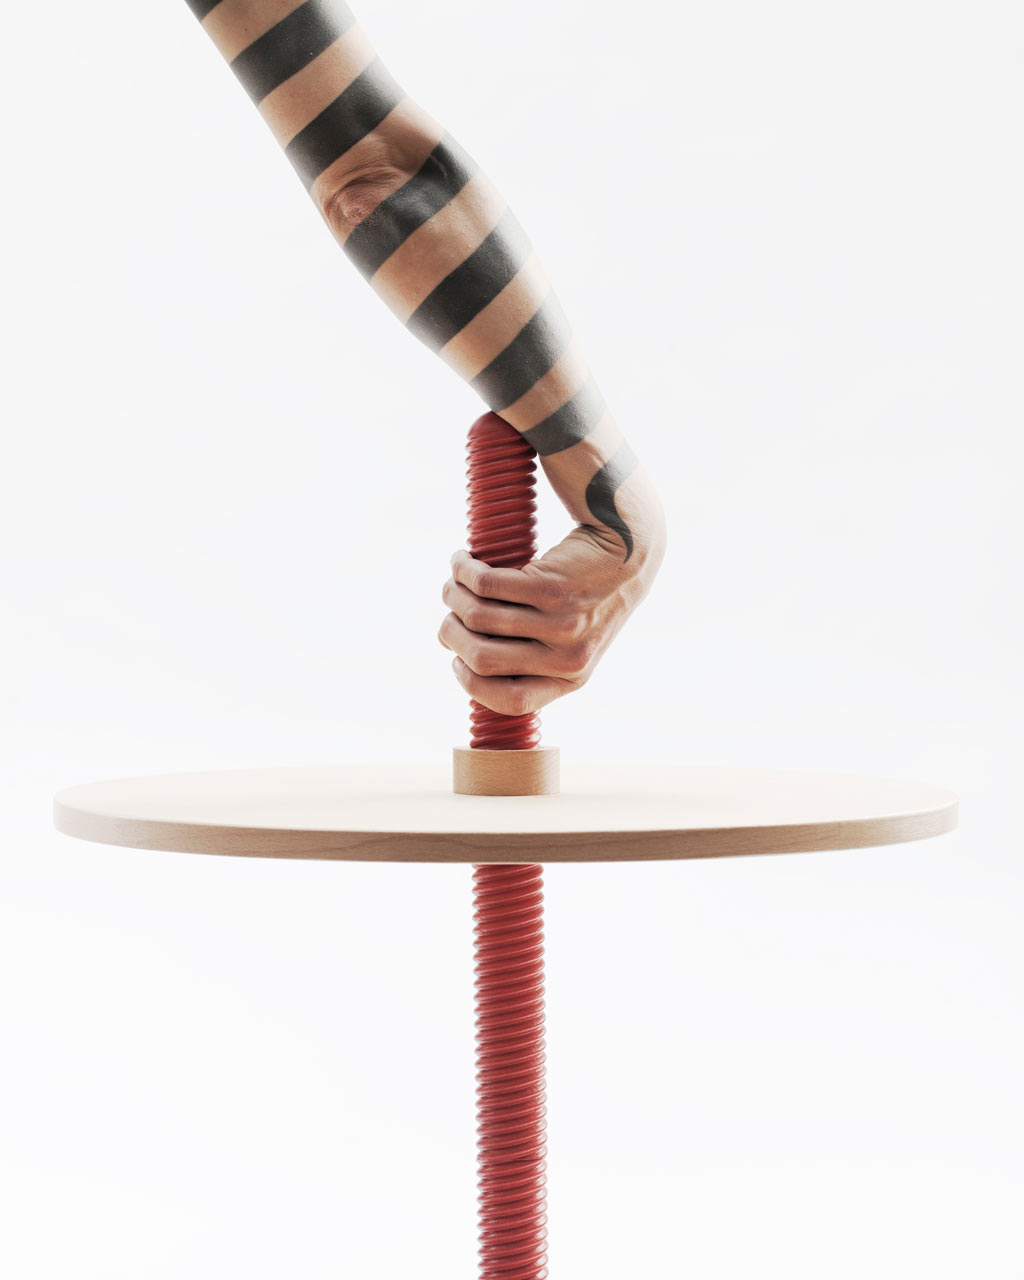 Carlo-Contin-avvitamenti-Furniture-2